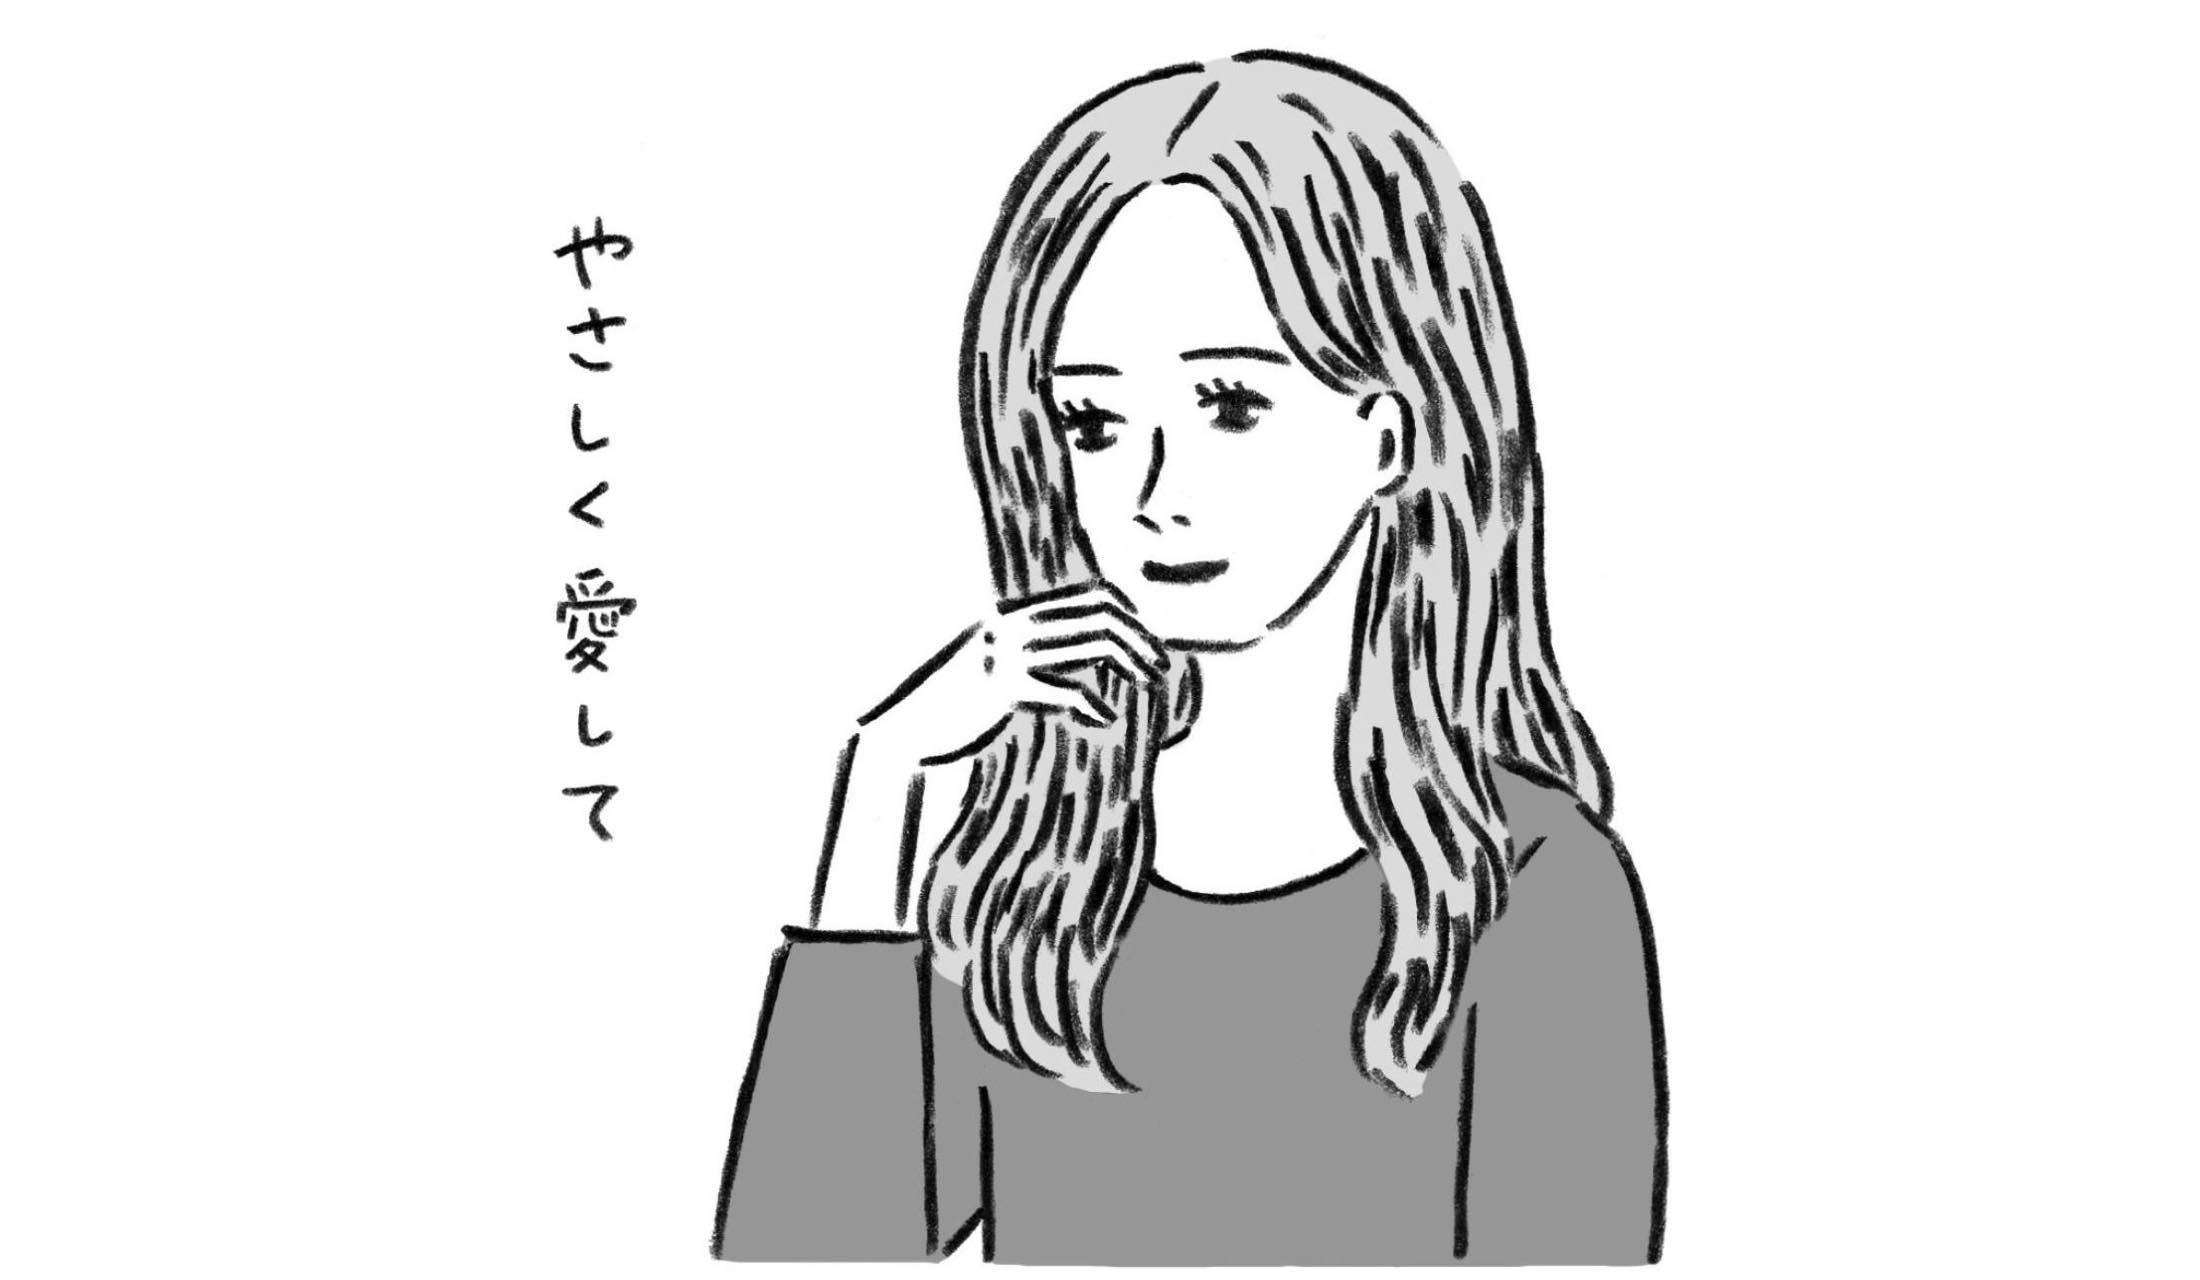 髪をかきあげている女性のイラスト